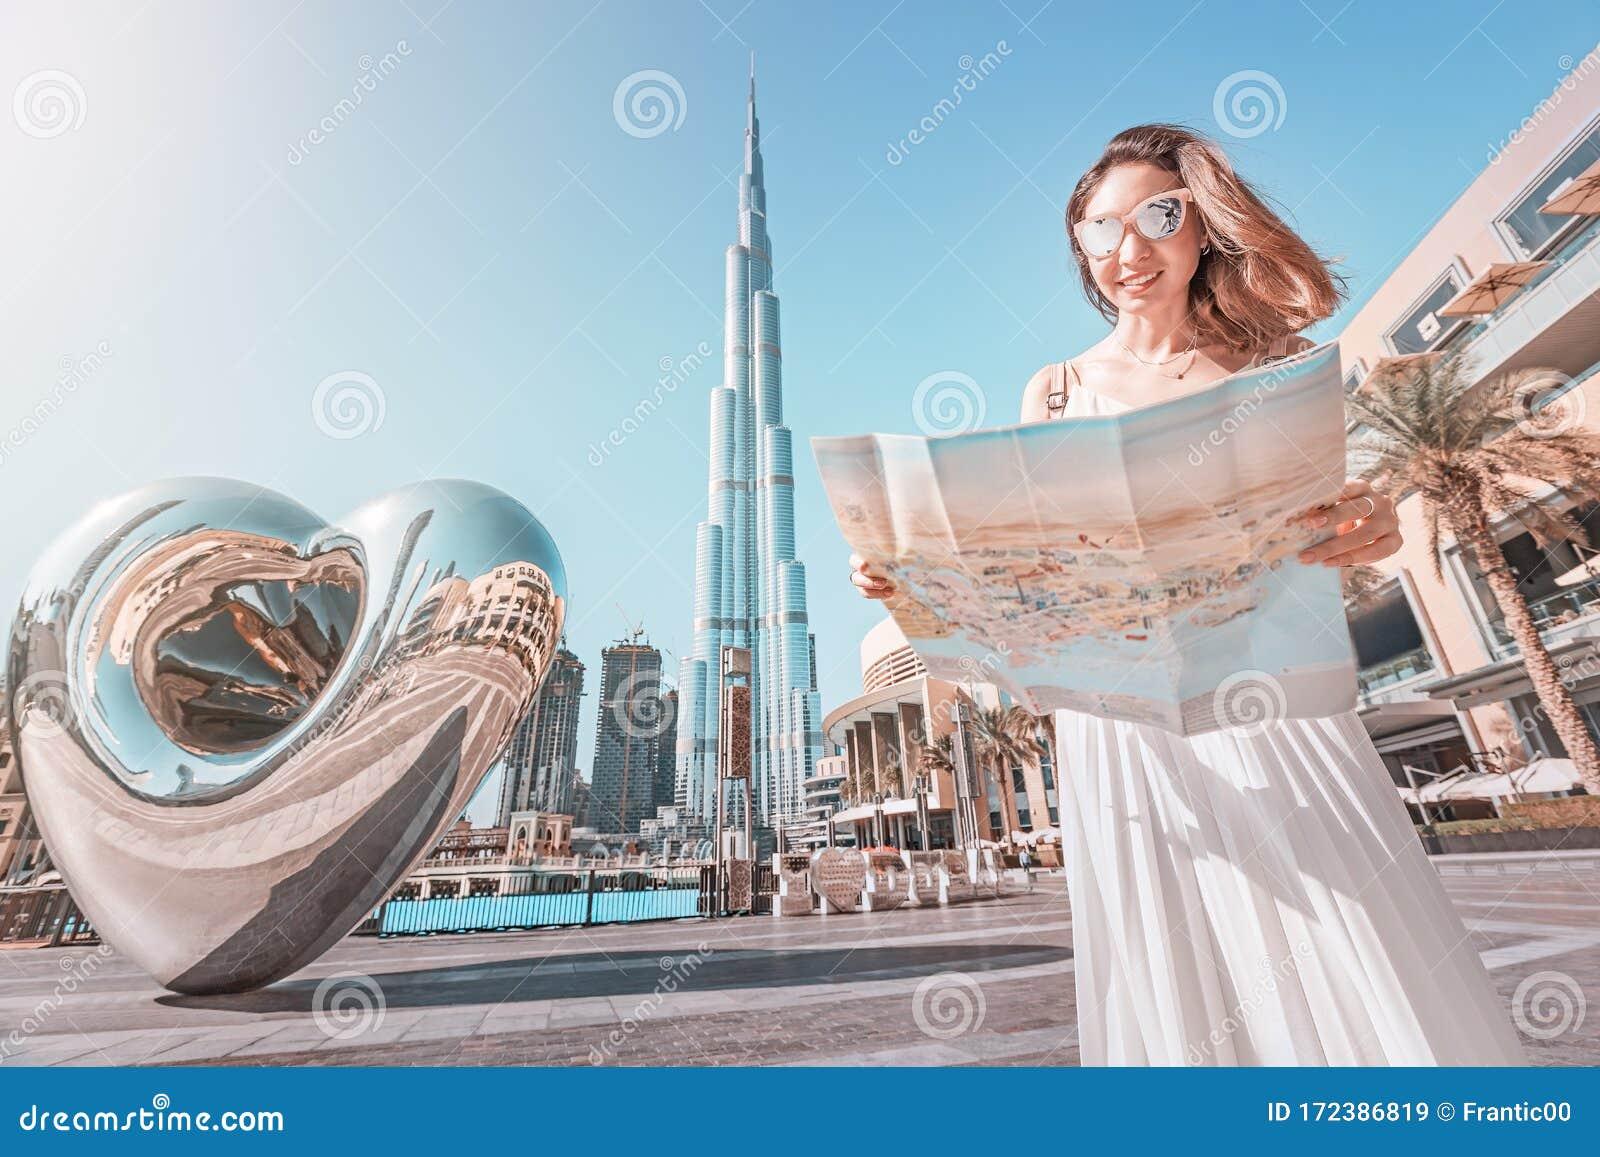 Dubai Tourist Places Map